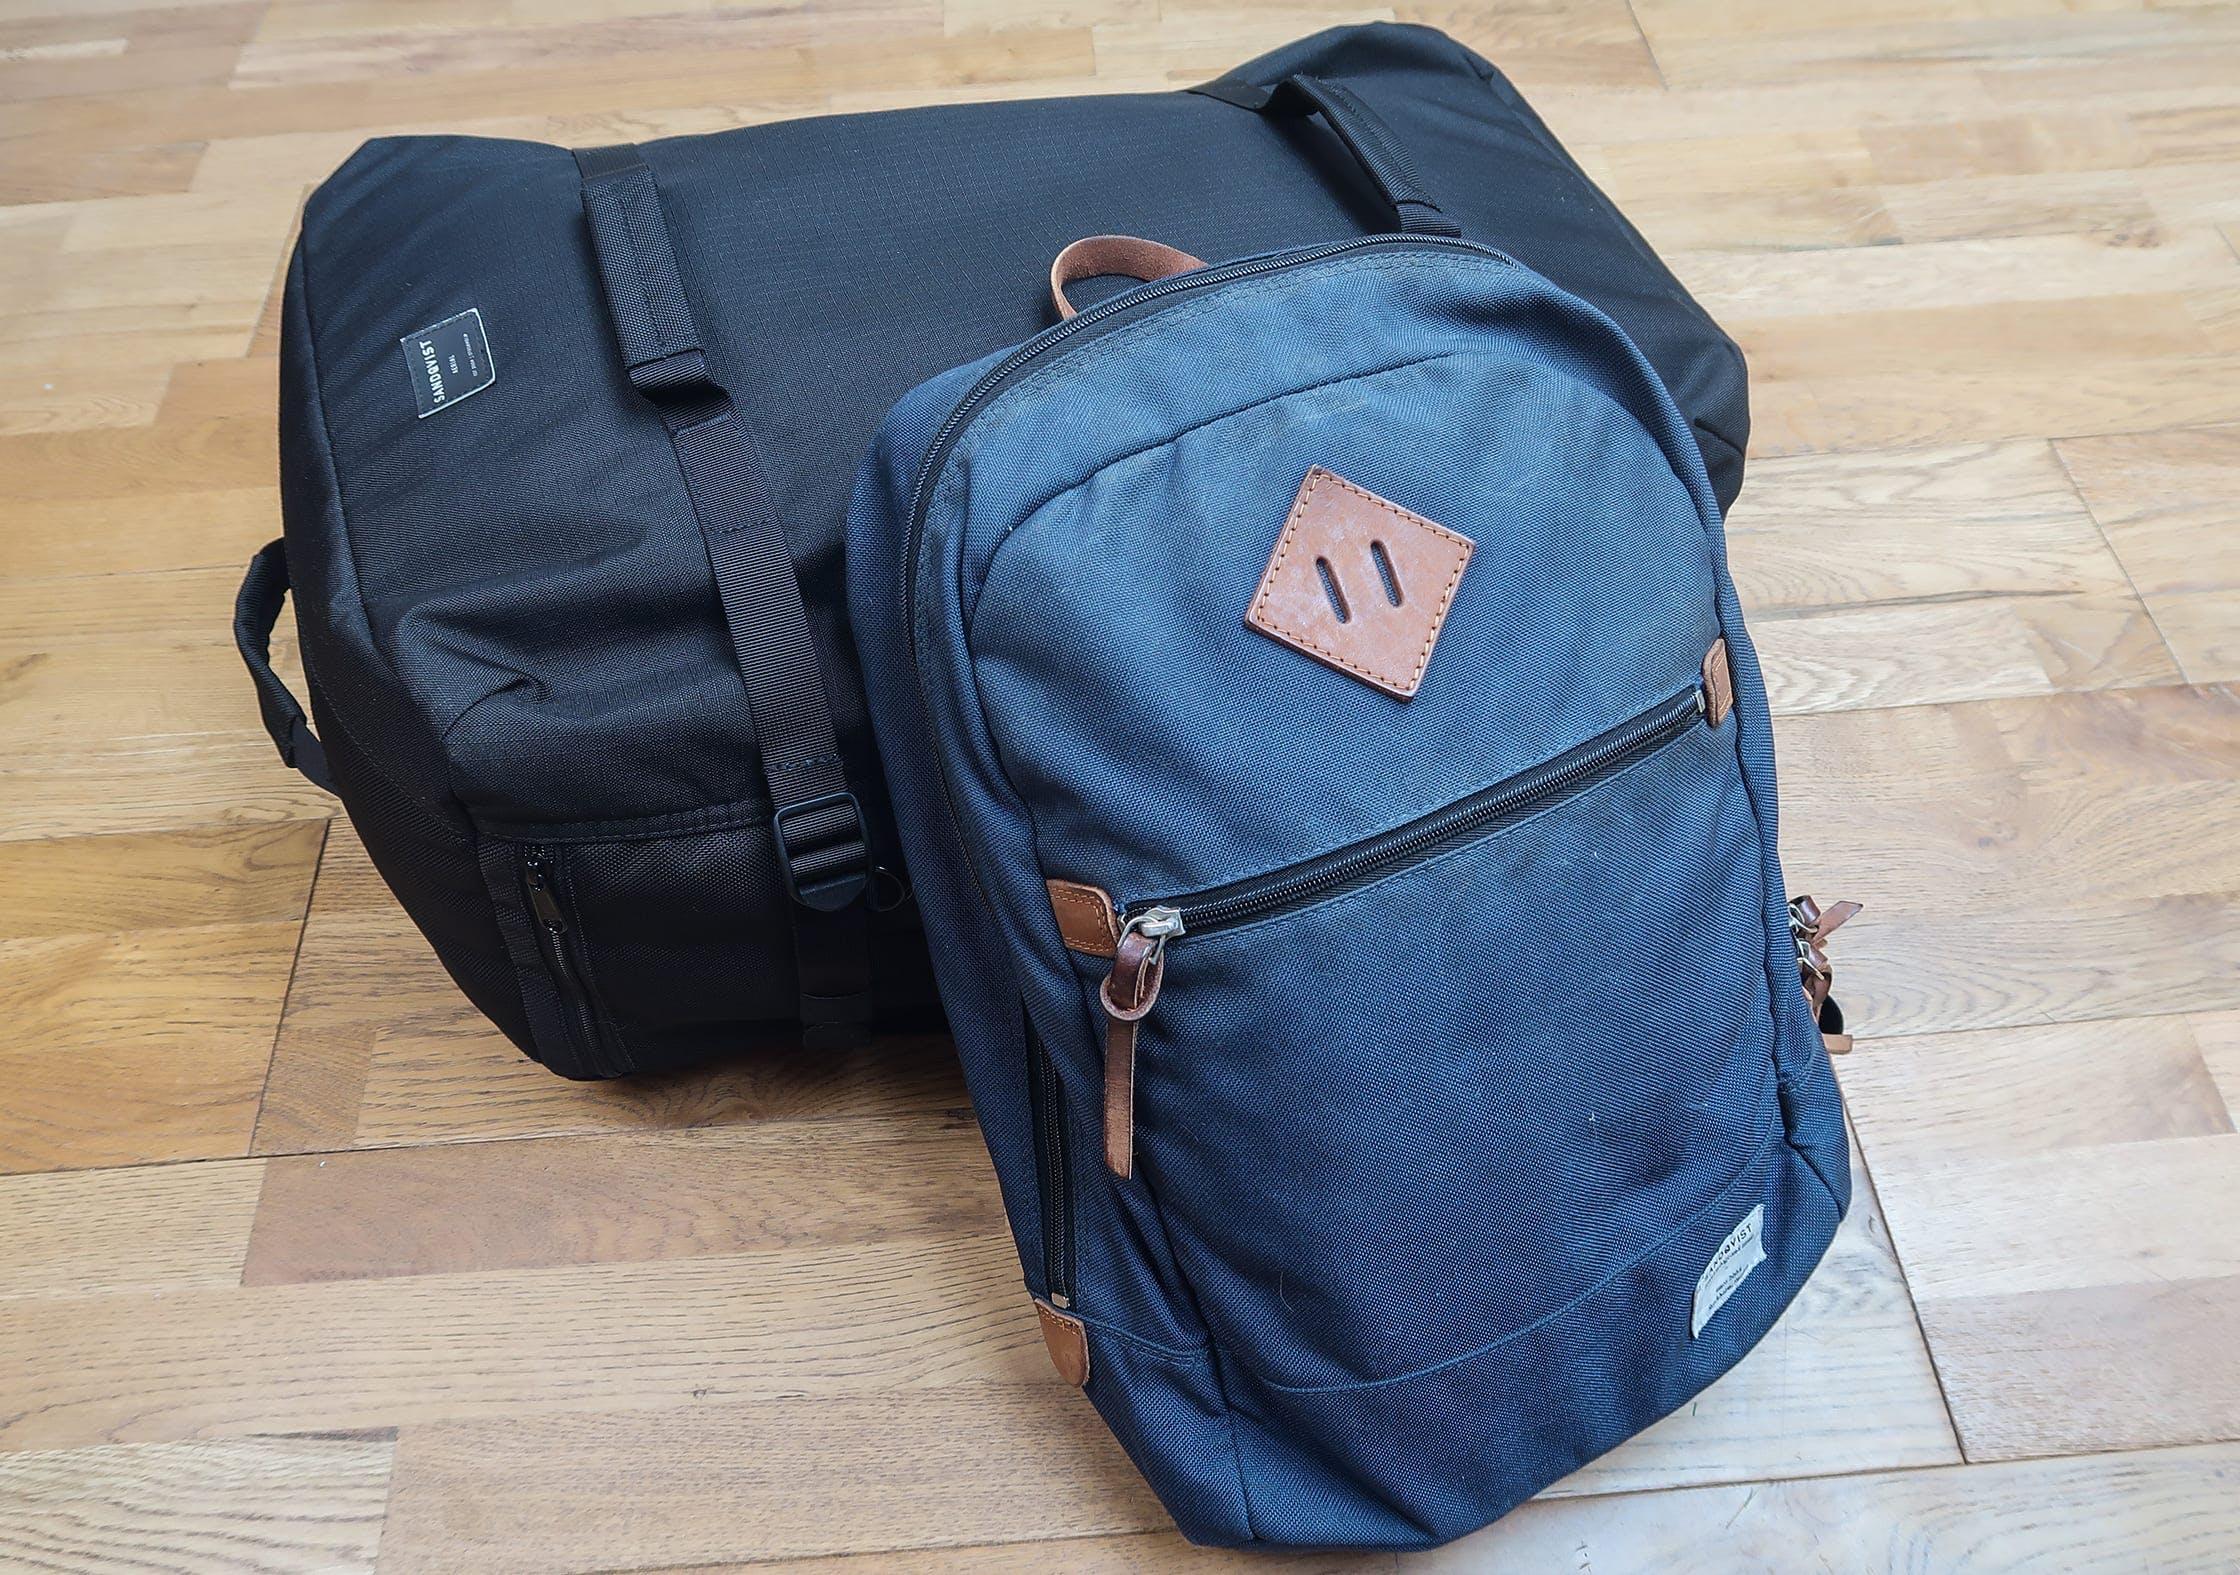 Sandqvist Zack and Uno Daypack